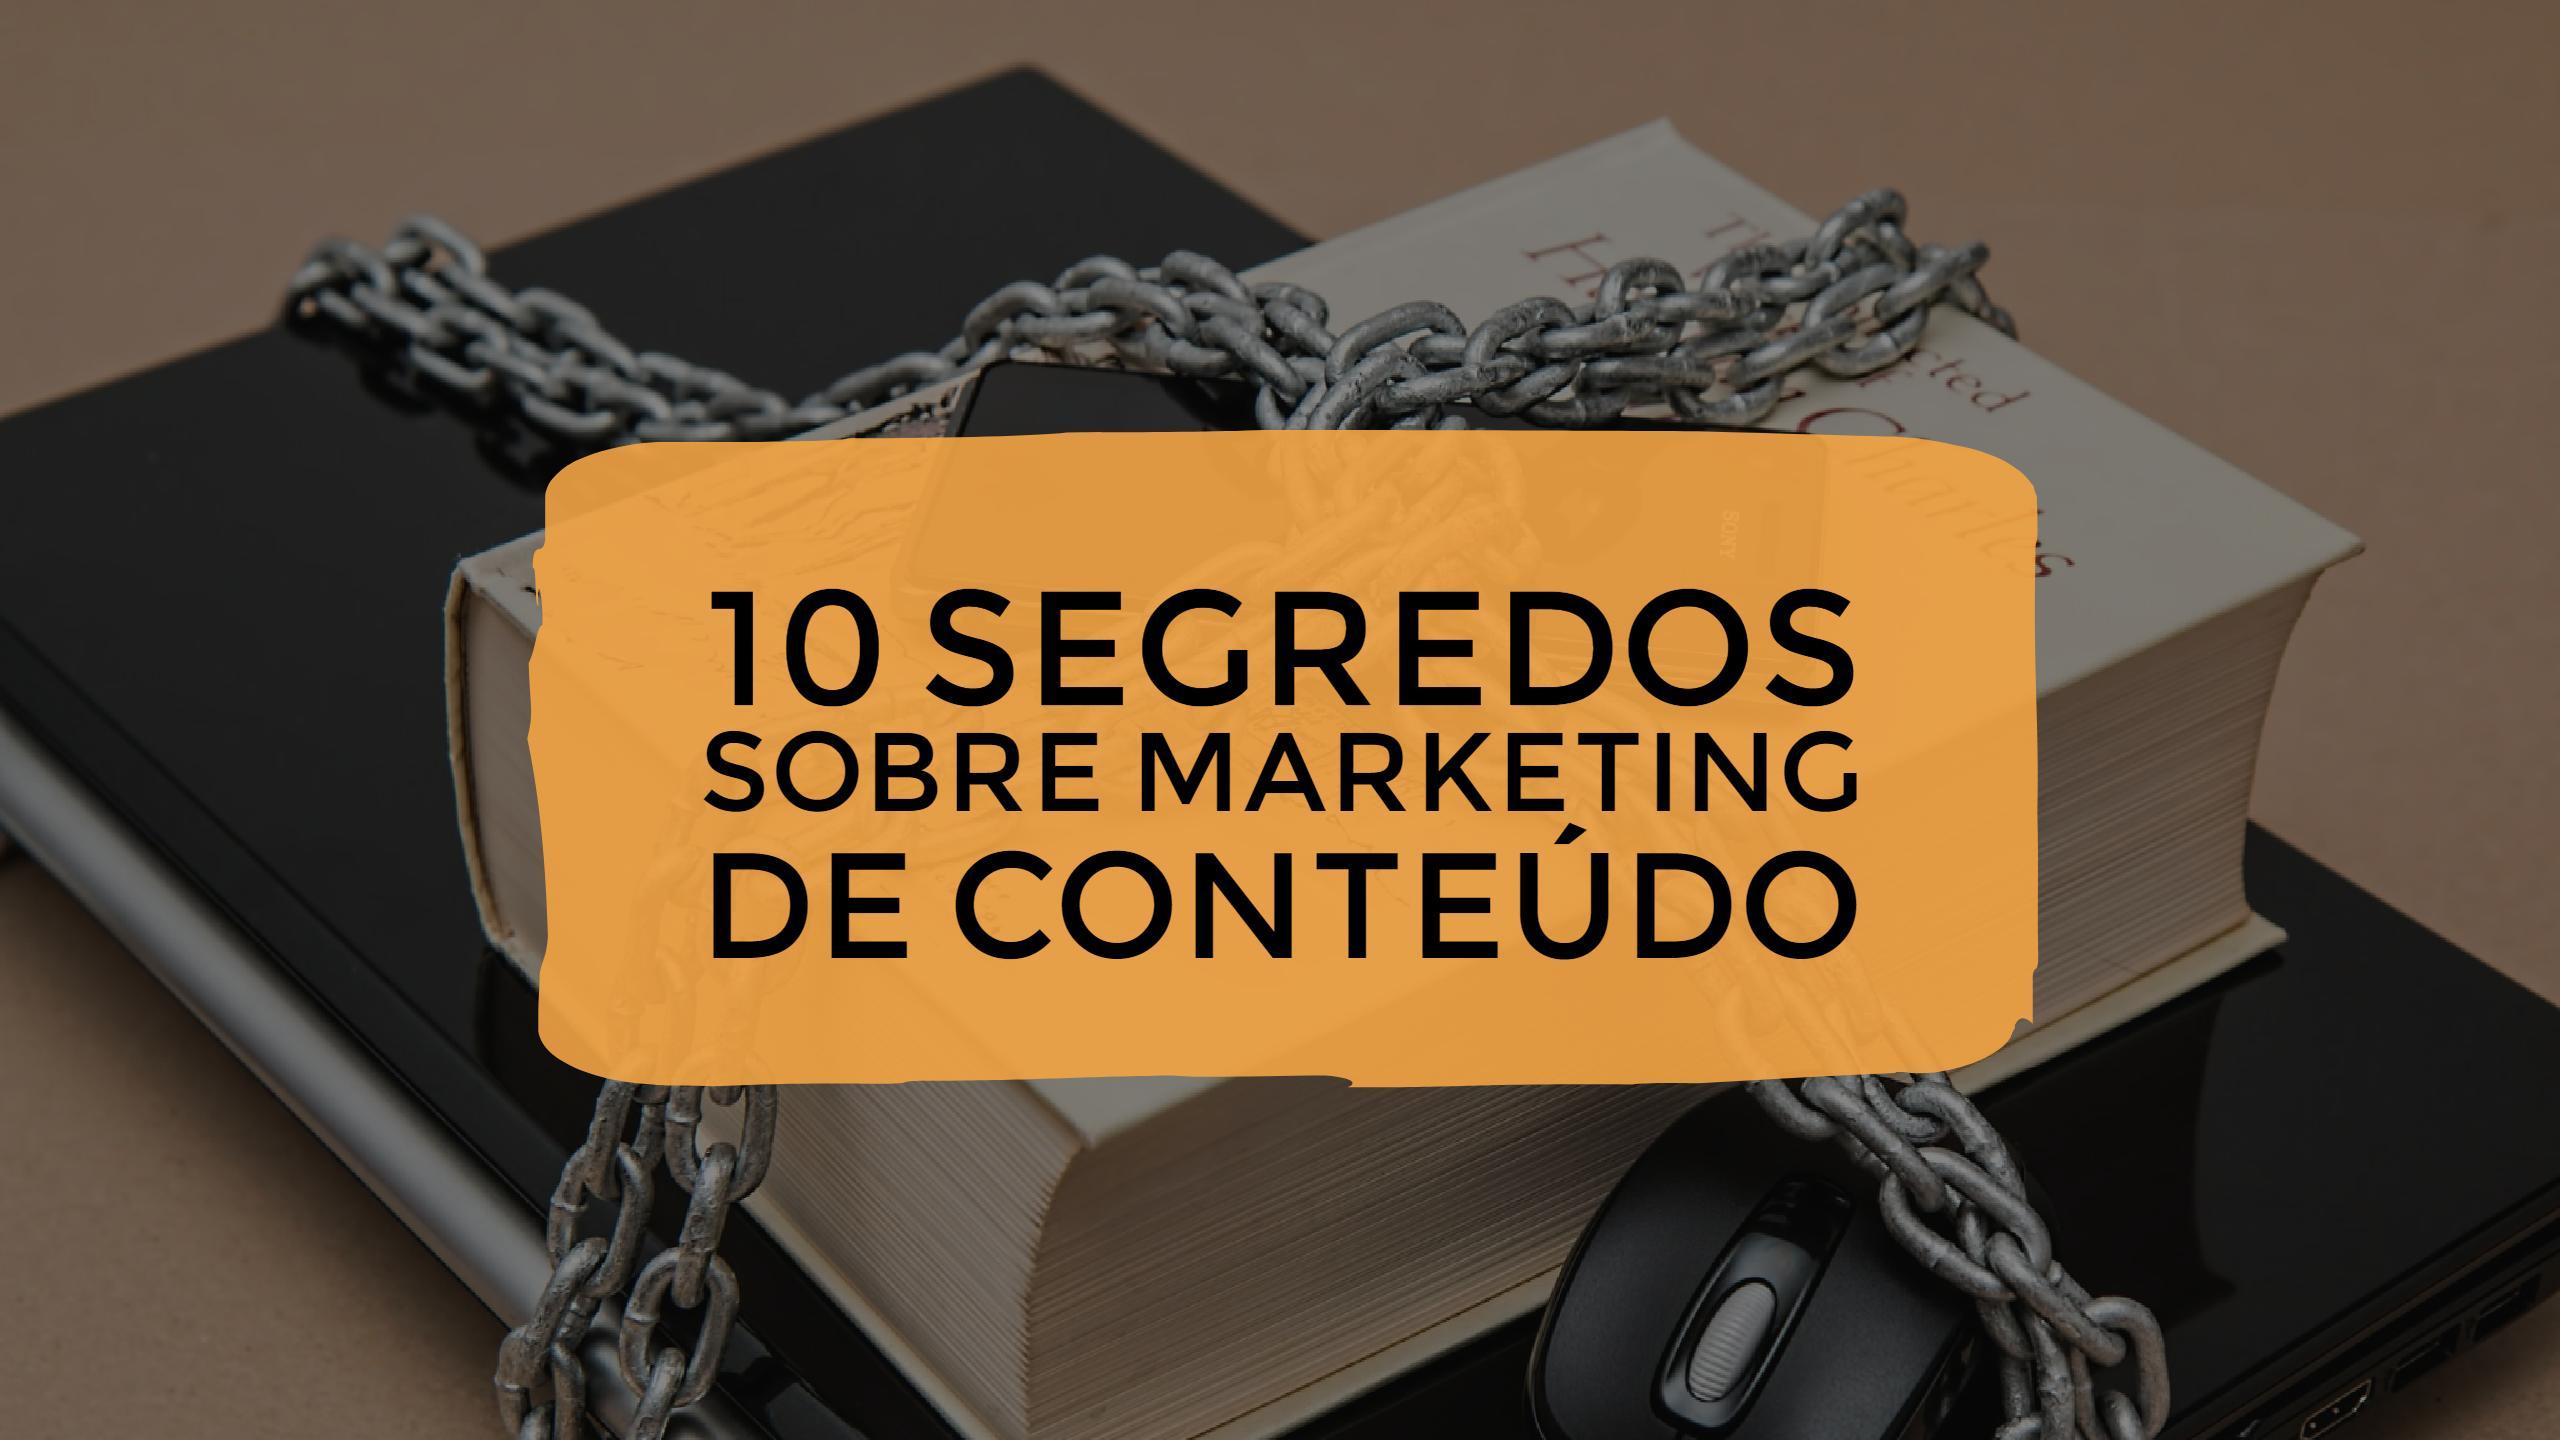 10 Segredos Sobre Marketing de Conteúdo